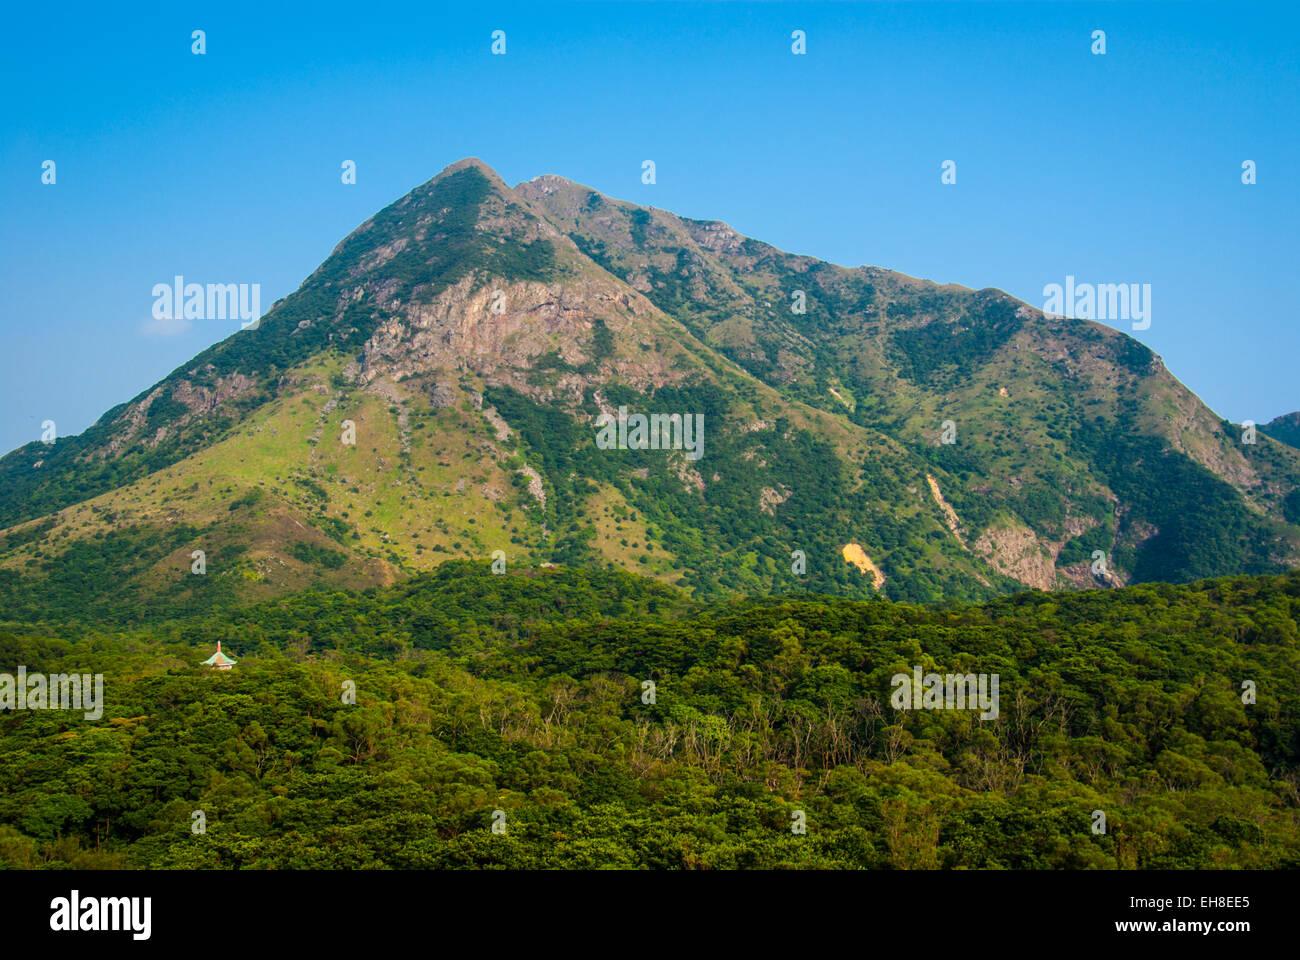 Lantau Peak, 934m high on Lantau Island, Hong Kong - Stock Image